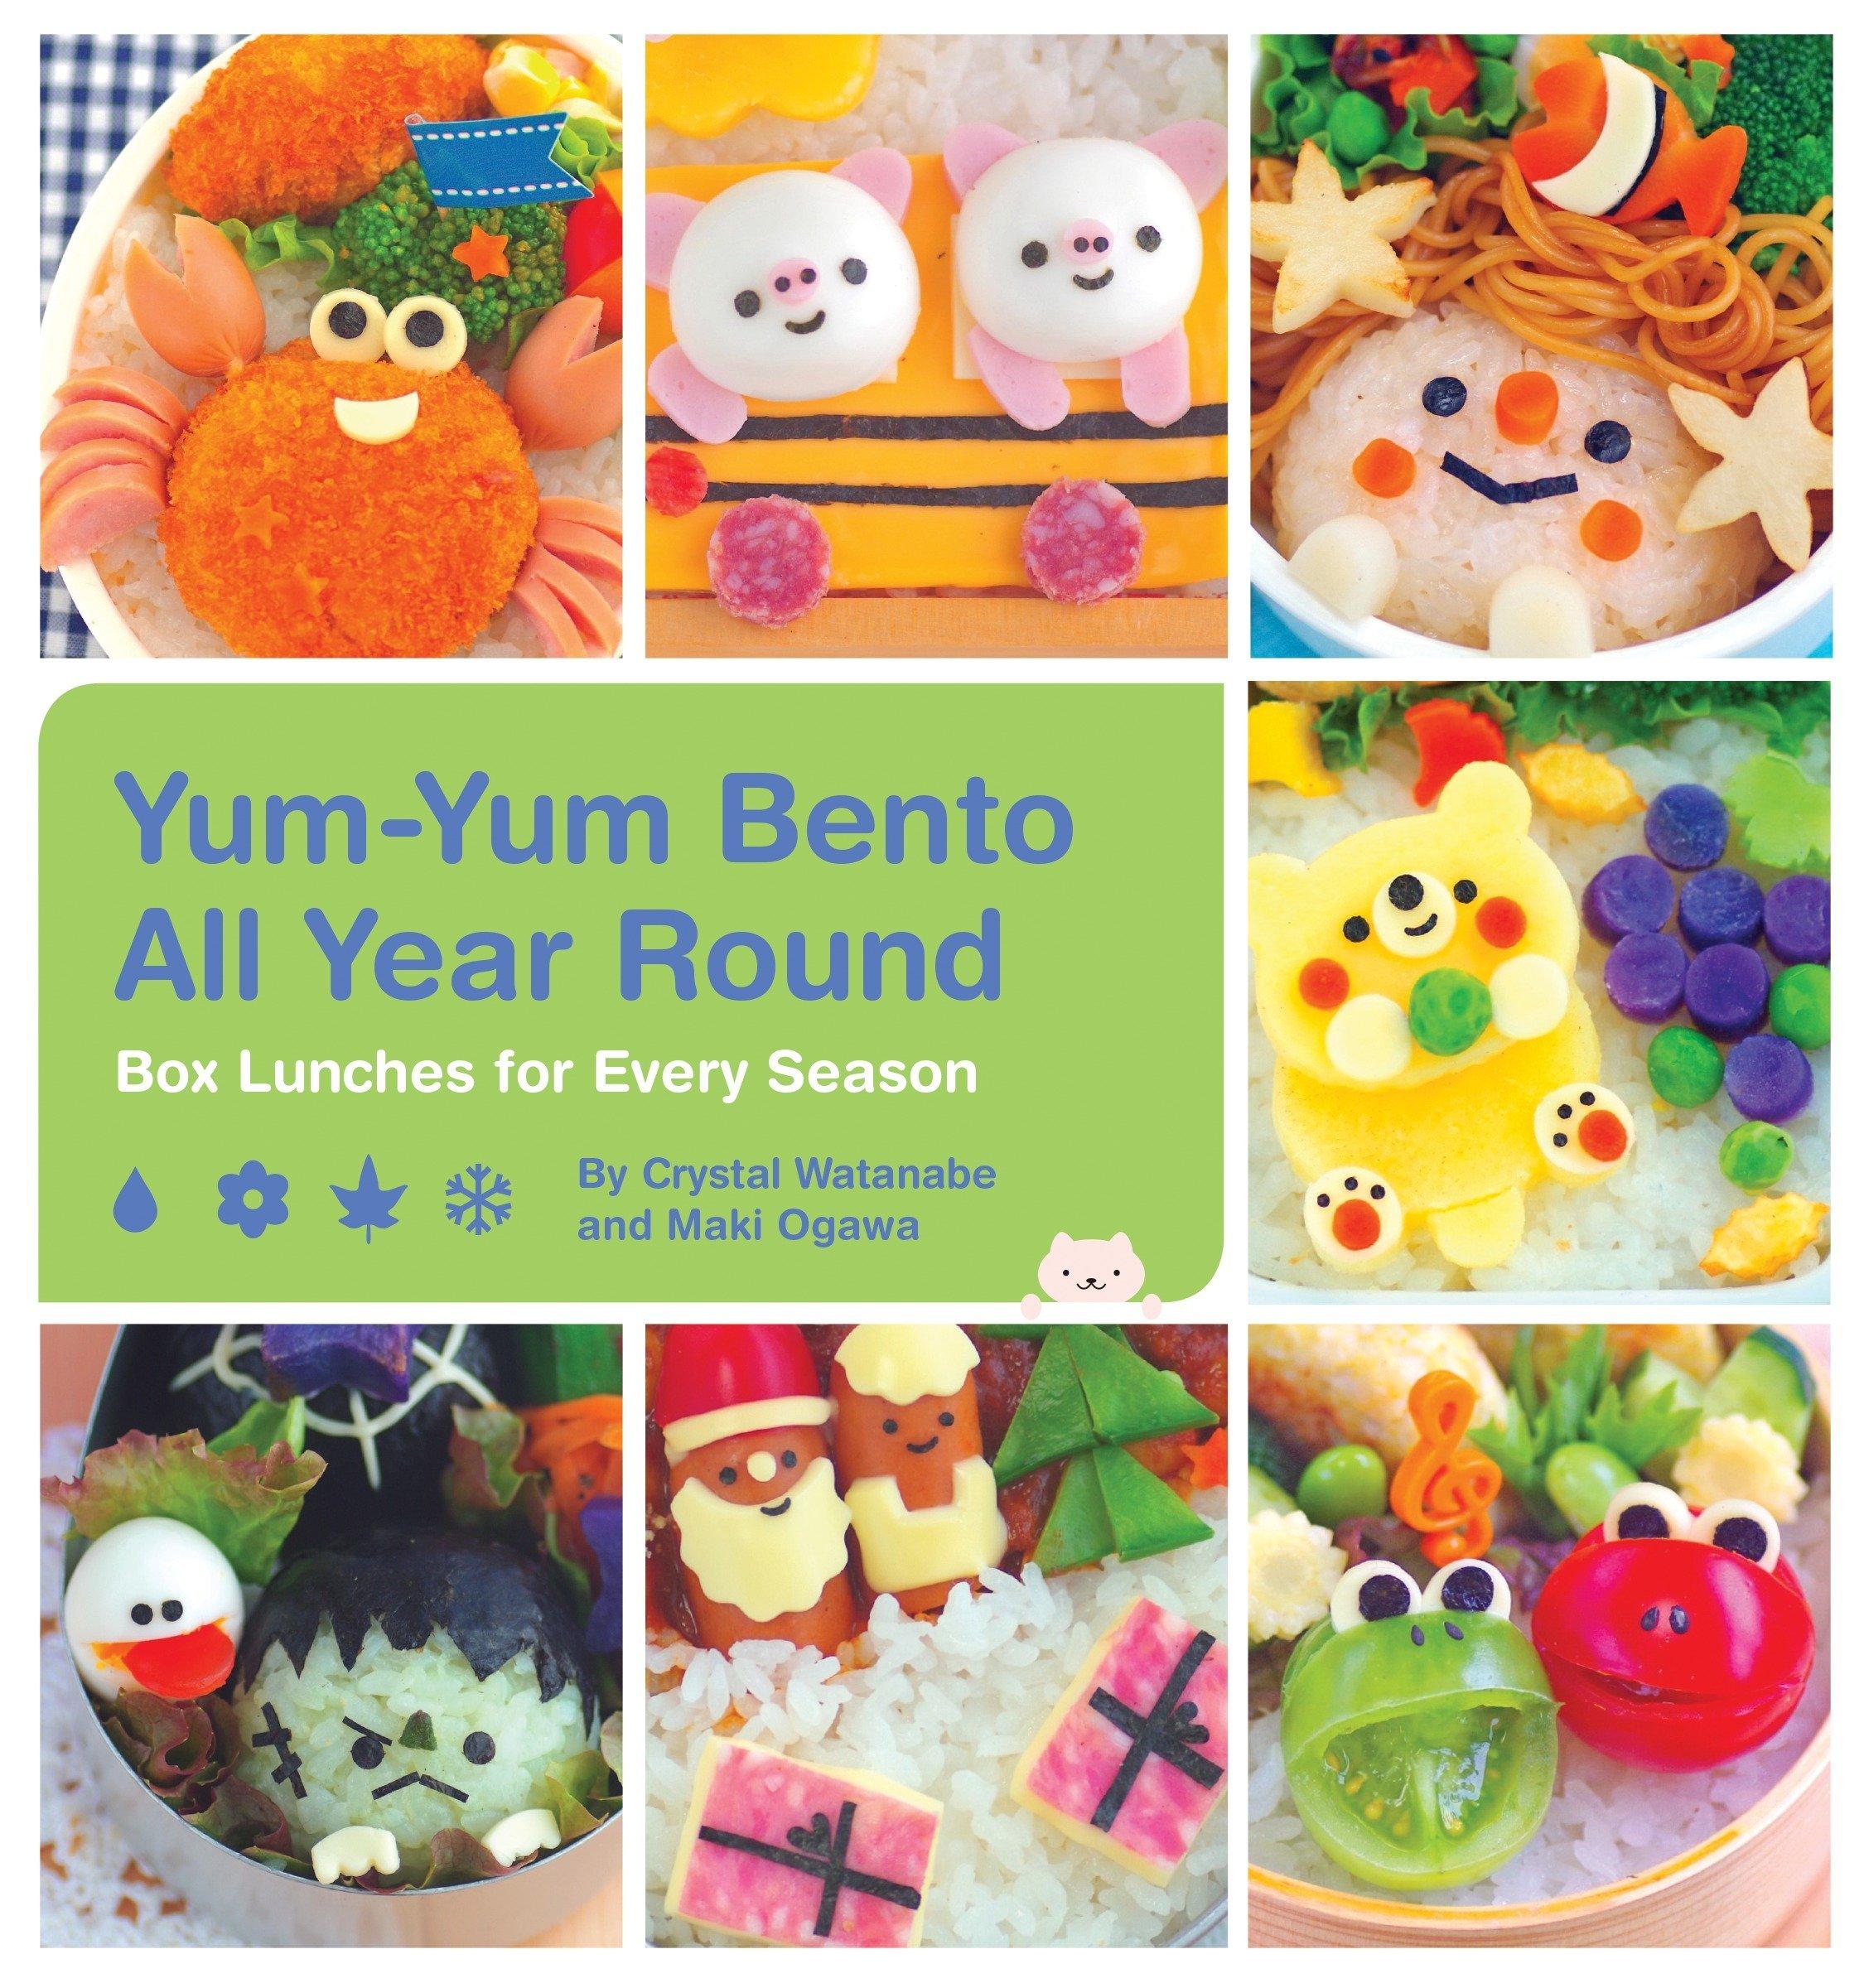 Yum Yum Bento All Year Round product image